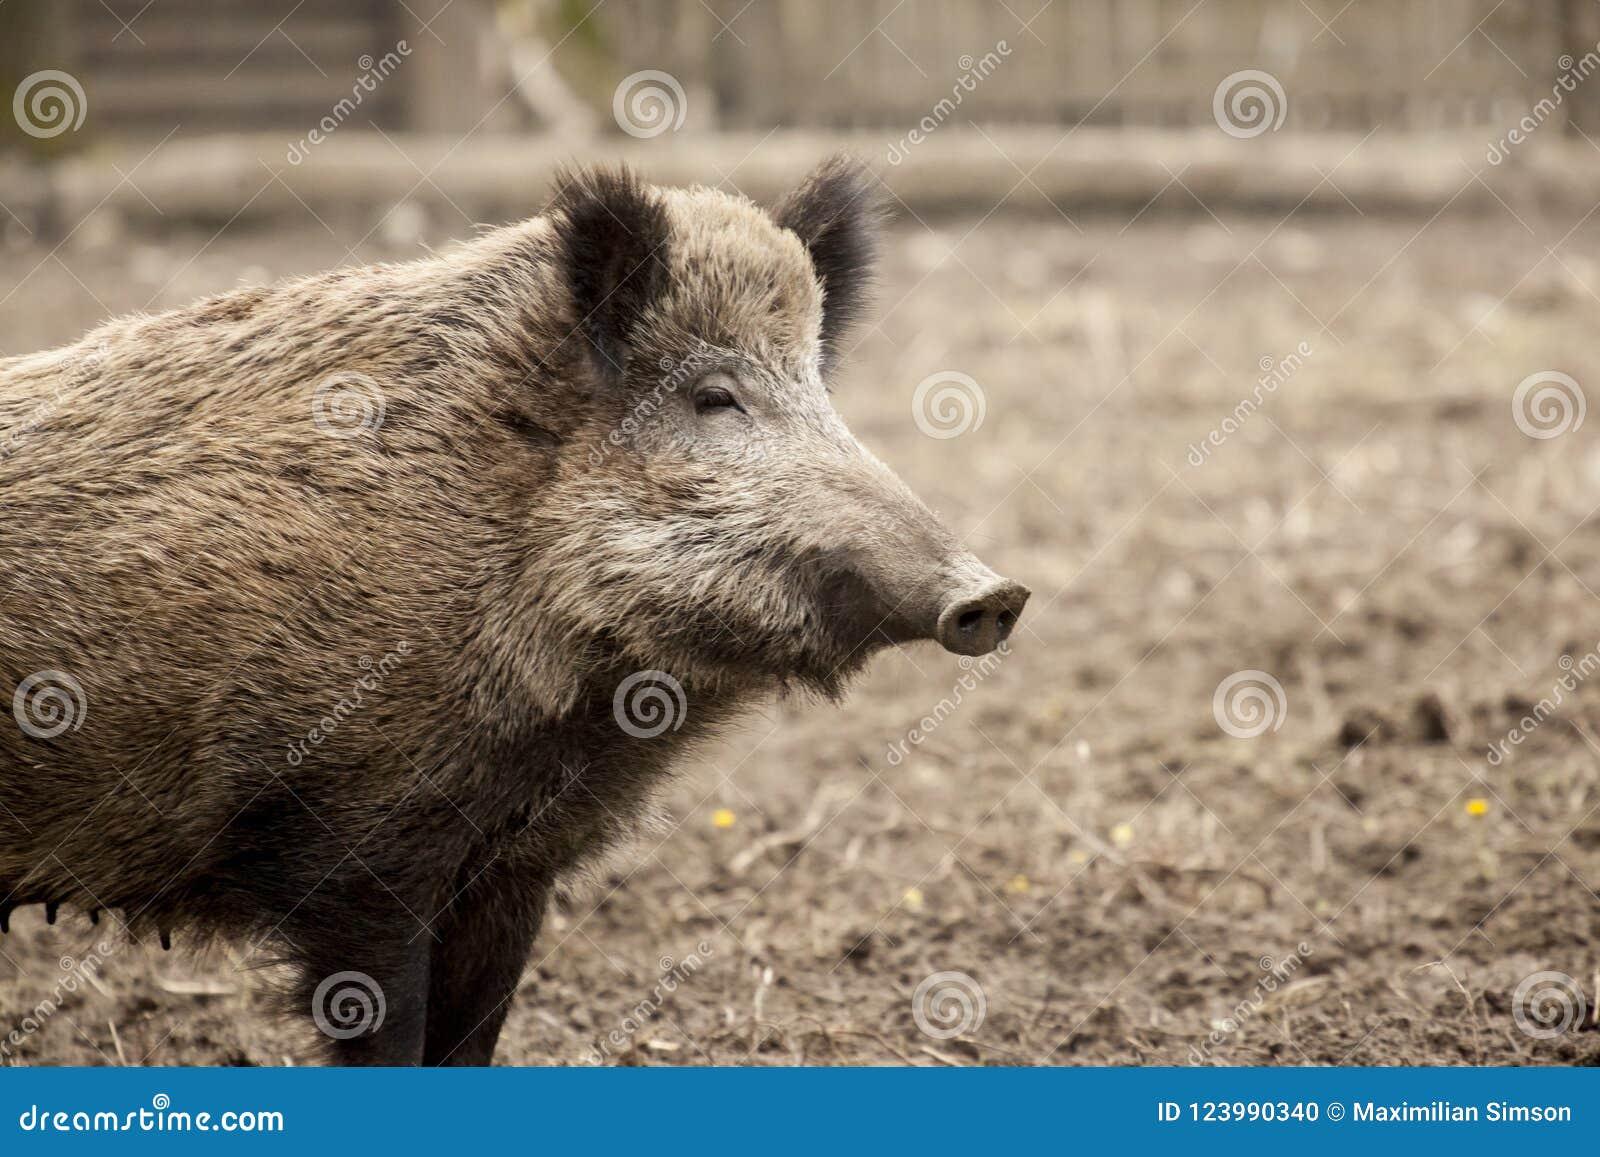 Einzelnes Eberwildschwein im organischen respektvollen Liebkosungsbauernhof